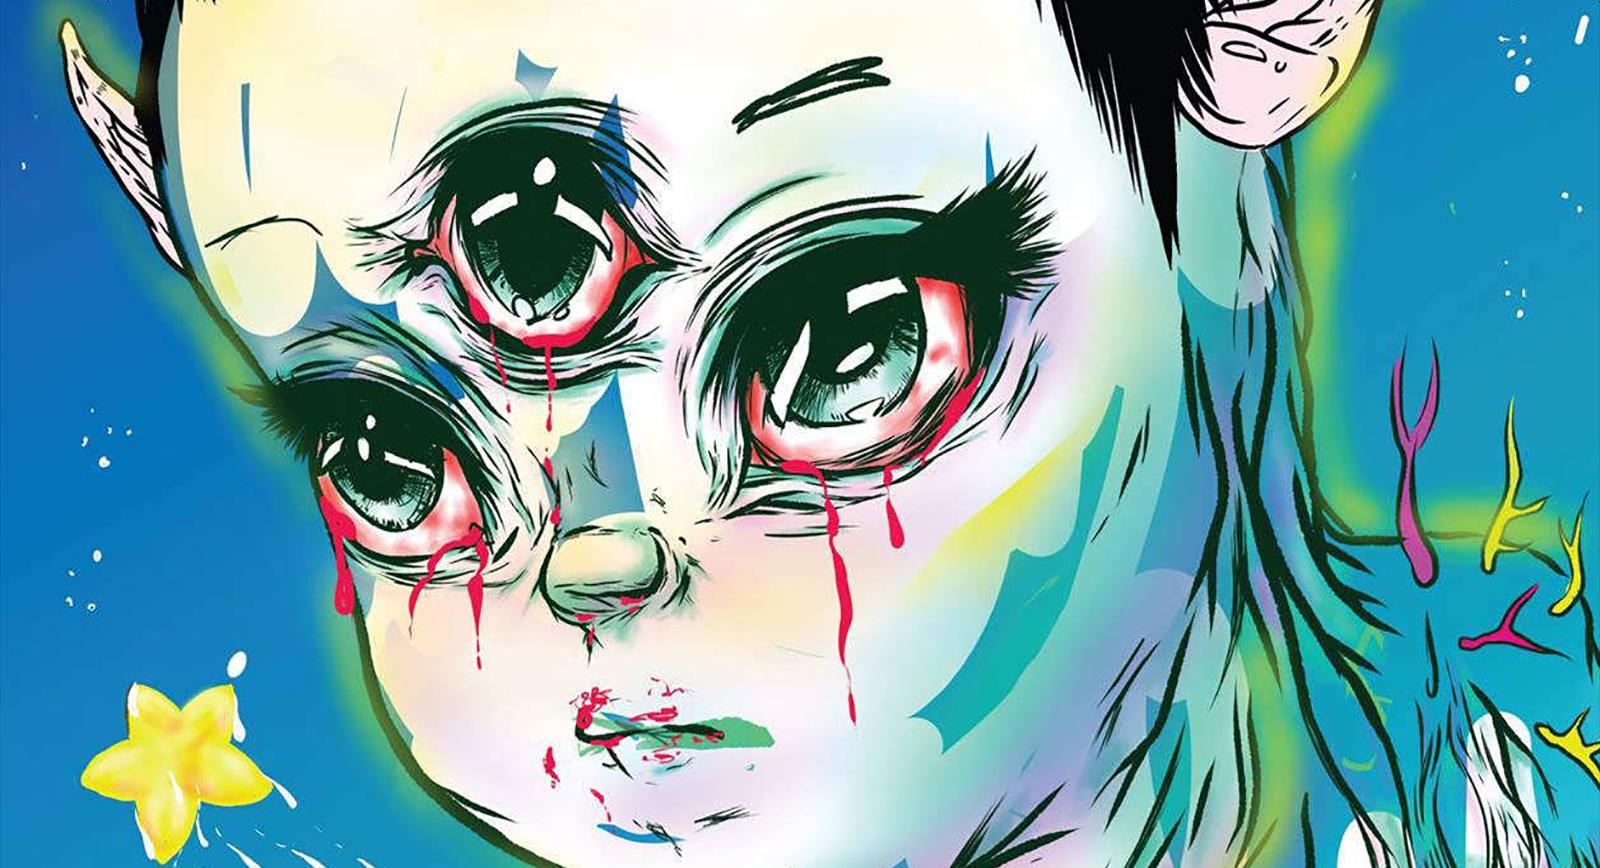 Grimes-Concert-Tour-2016-Art-Angels-4ad-Claire-Elise-Boucher-Live-Show-Info-Dates-Tickets-Festival-FI